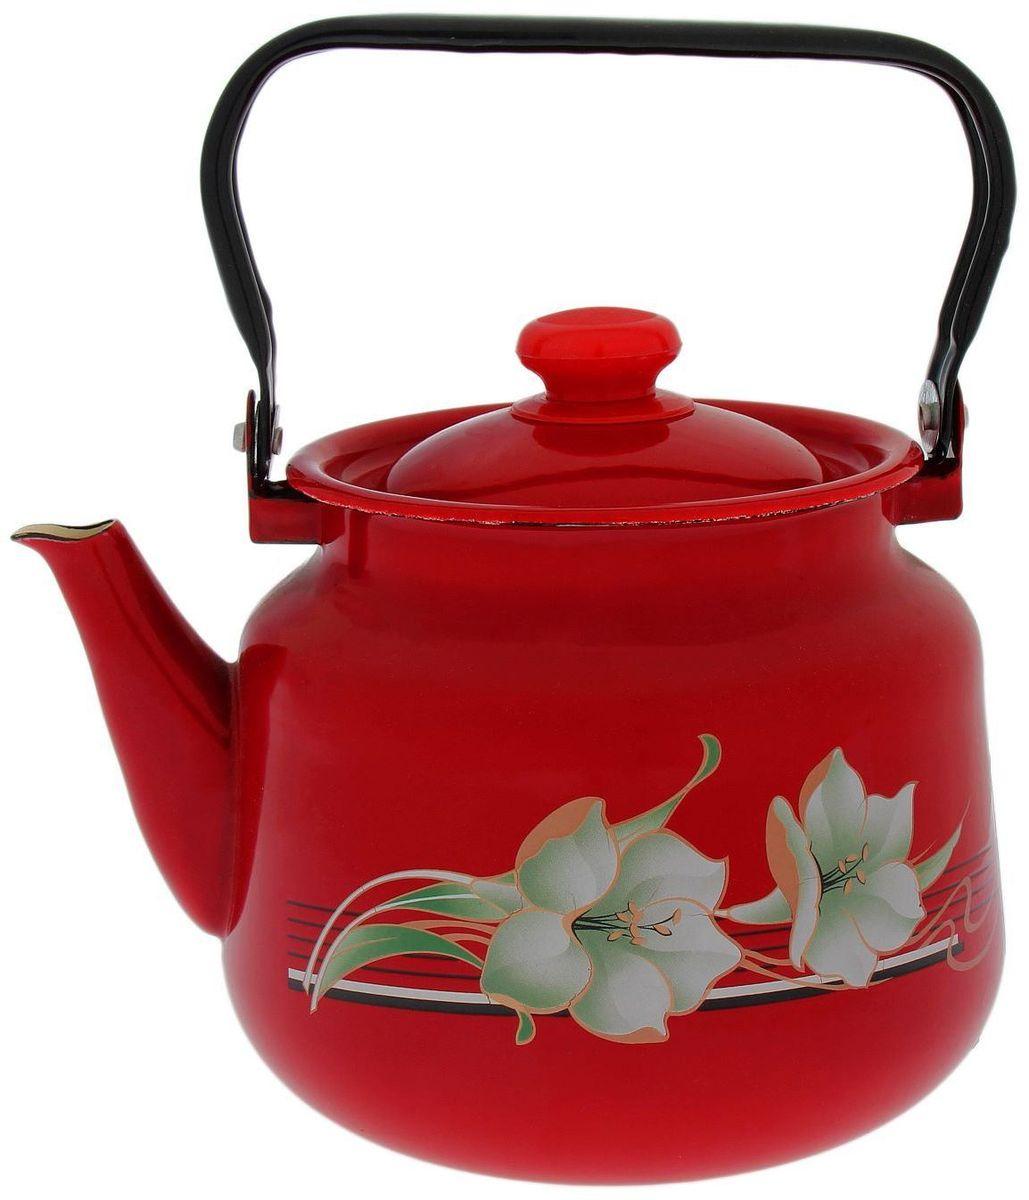 Чайник Epos Темно-красная лилия, 3,5 л1770691Согласитесь, и профессиональному повару, и любителю поэкспериментировать на кухне, и тому, кто к стряпанью не имеет никакого отношения, не обойтись без элементарных предметов, столовые принадлежности, аксессуары для приготовления и хранения пищи — незаменимые вещи для всех, кто хочет порадовать свою семью аппетитными блюдами. Душевная атмосфера и со вкусом накрытый стол всегда будут собирать в вашем доме близких и друзей.